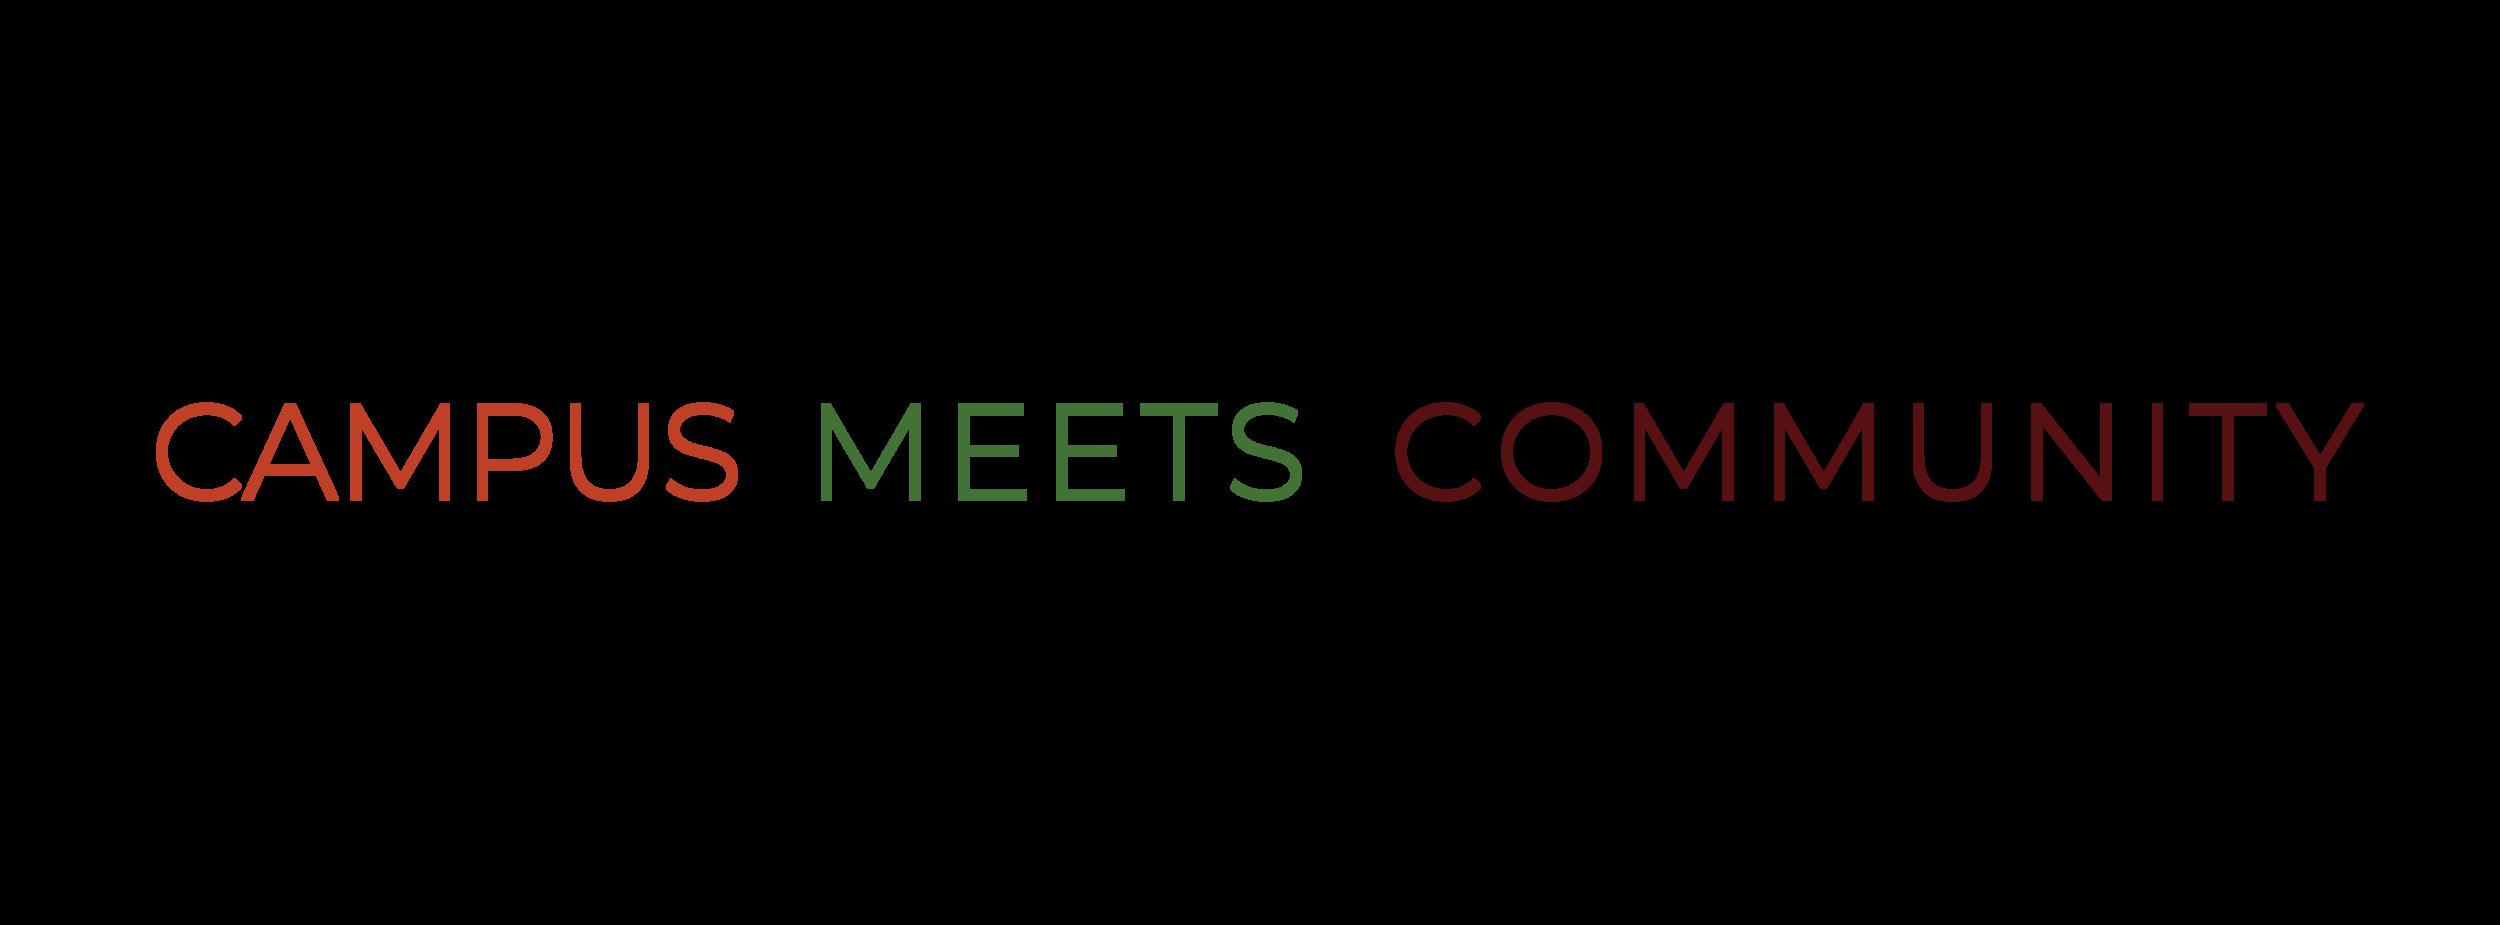 CampusMeetsCommunity_Header.png